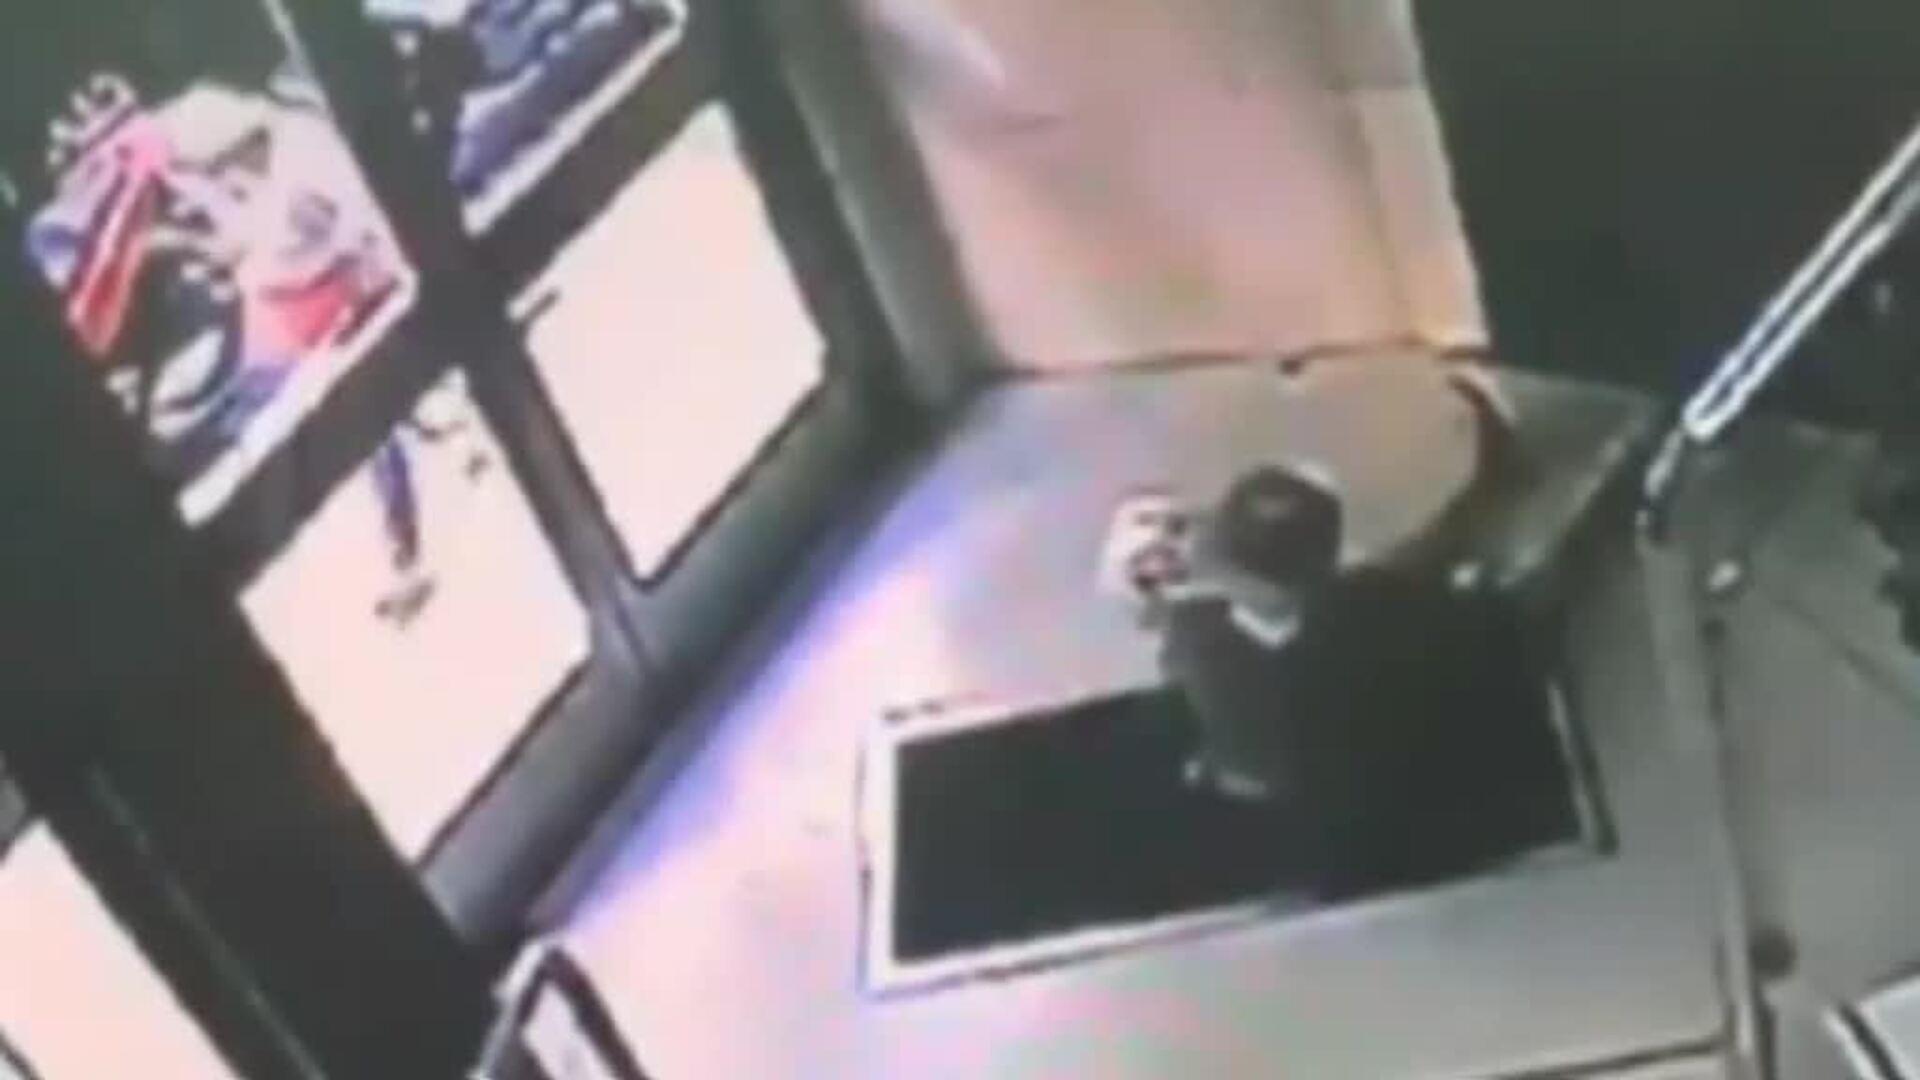 Violento asalto a una anciana de 90 años en el portal de su casa